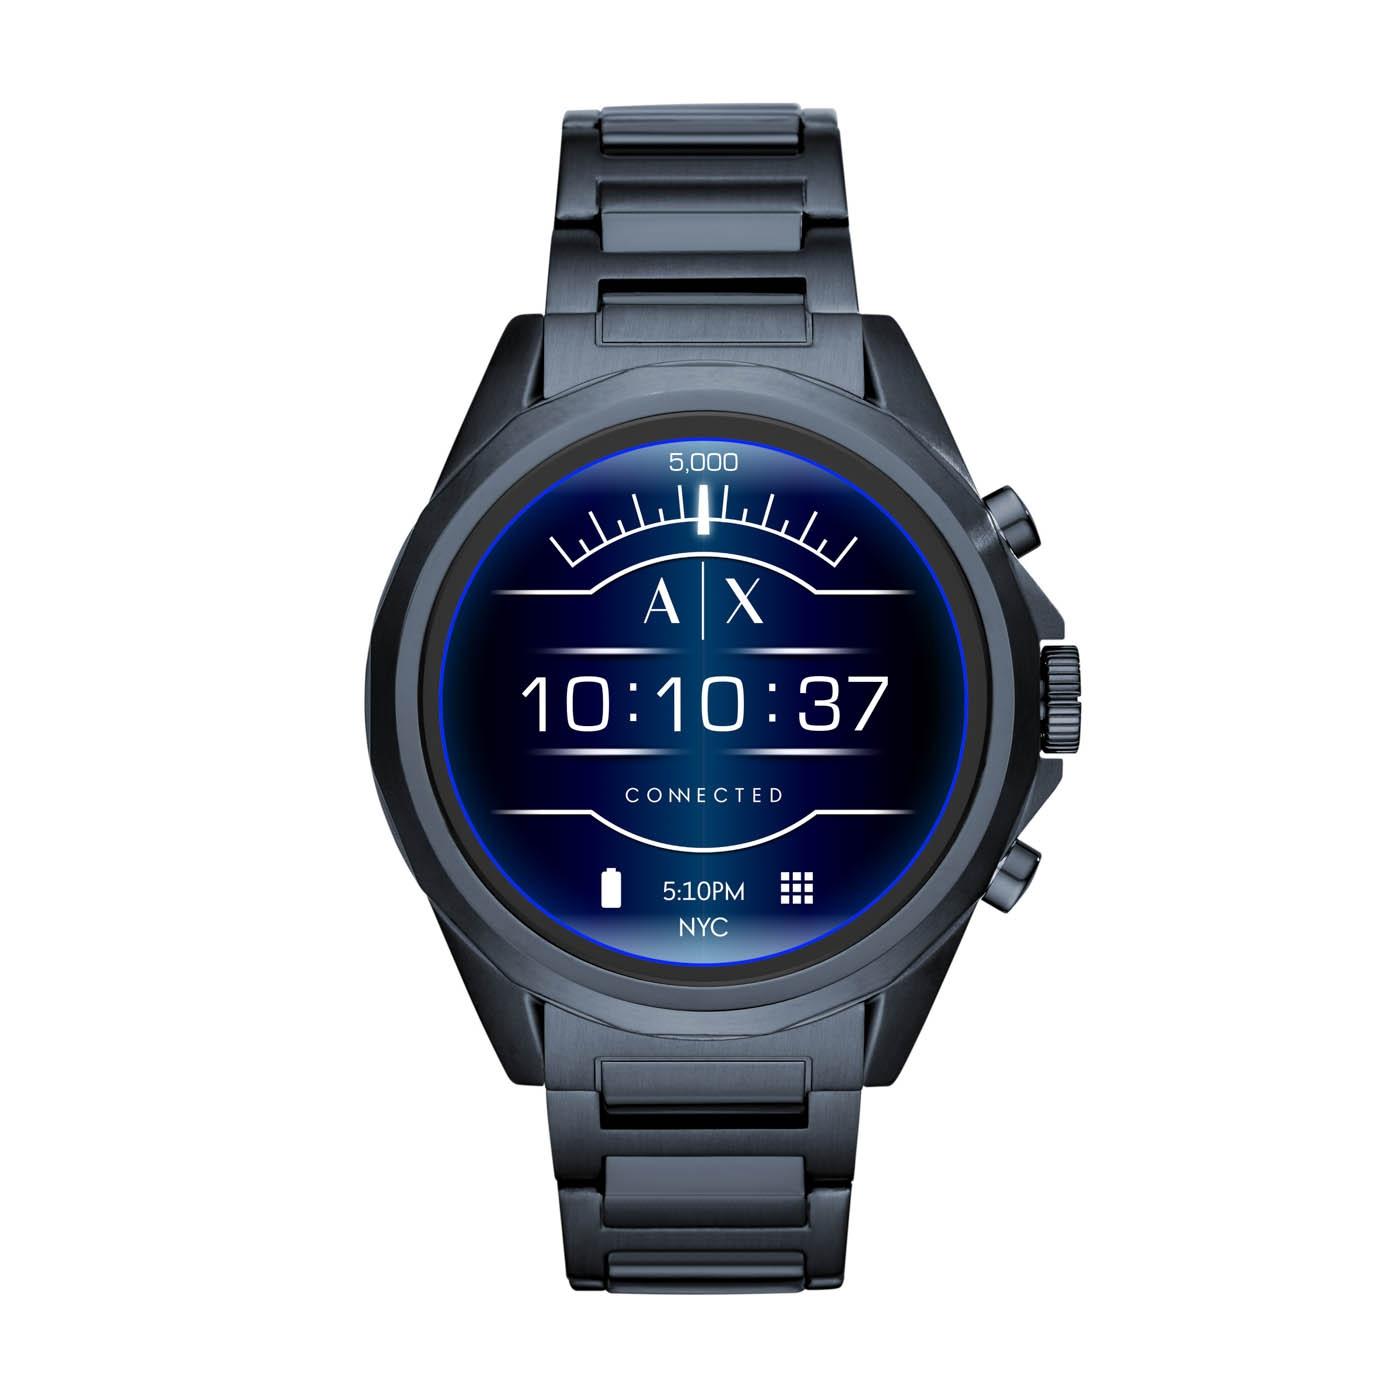 Afbeelding van Armani Exchange Connected Drexler Gen 4 Display Smartwatch AXT2003